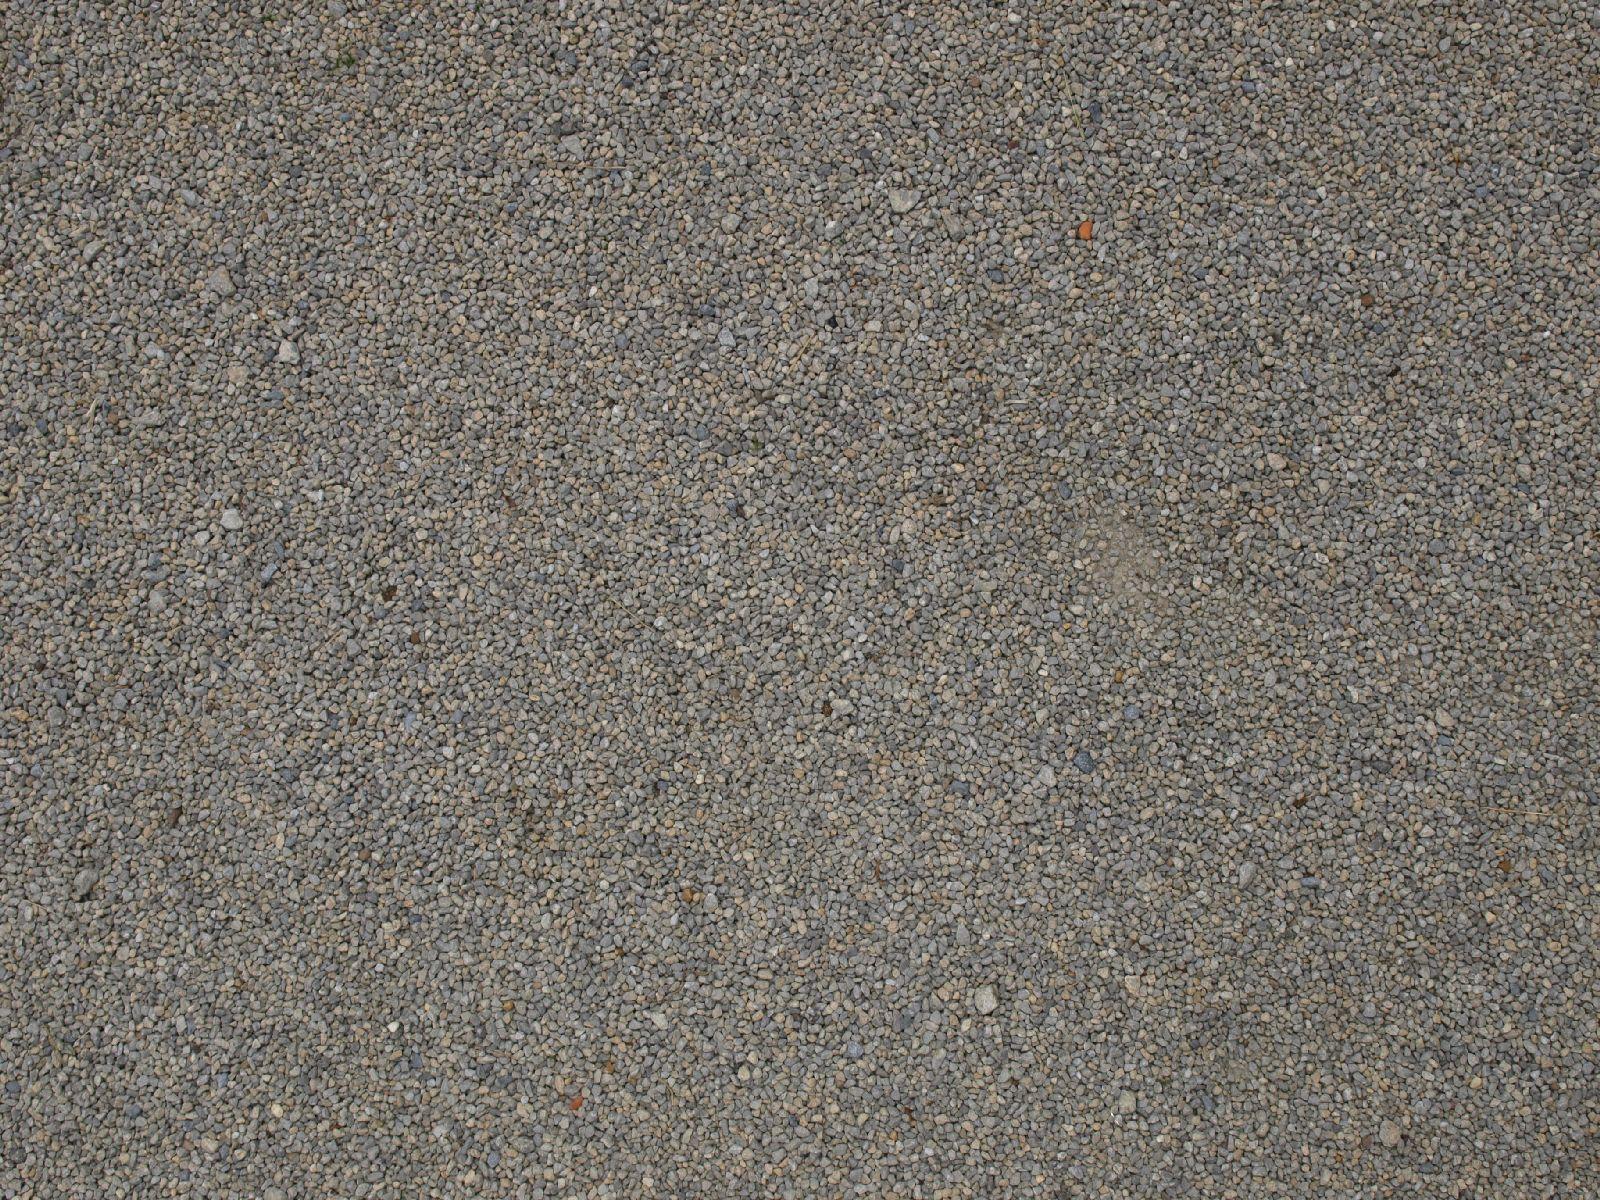 Ground-Urban_Texture_A_P5315759